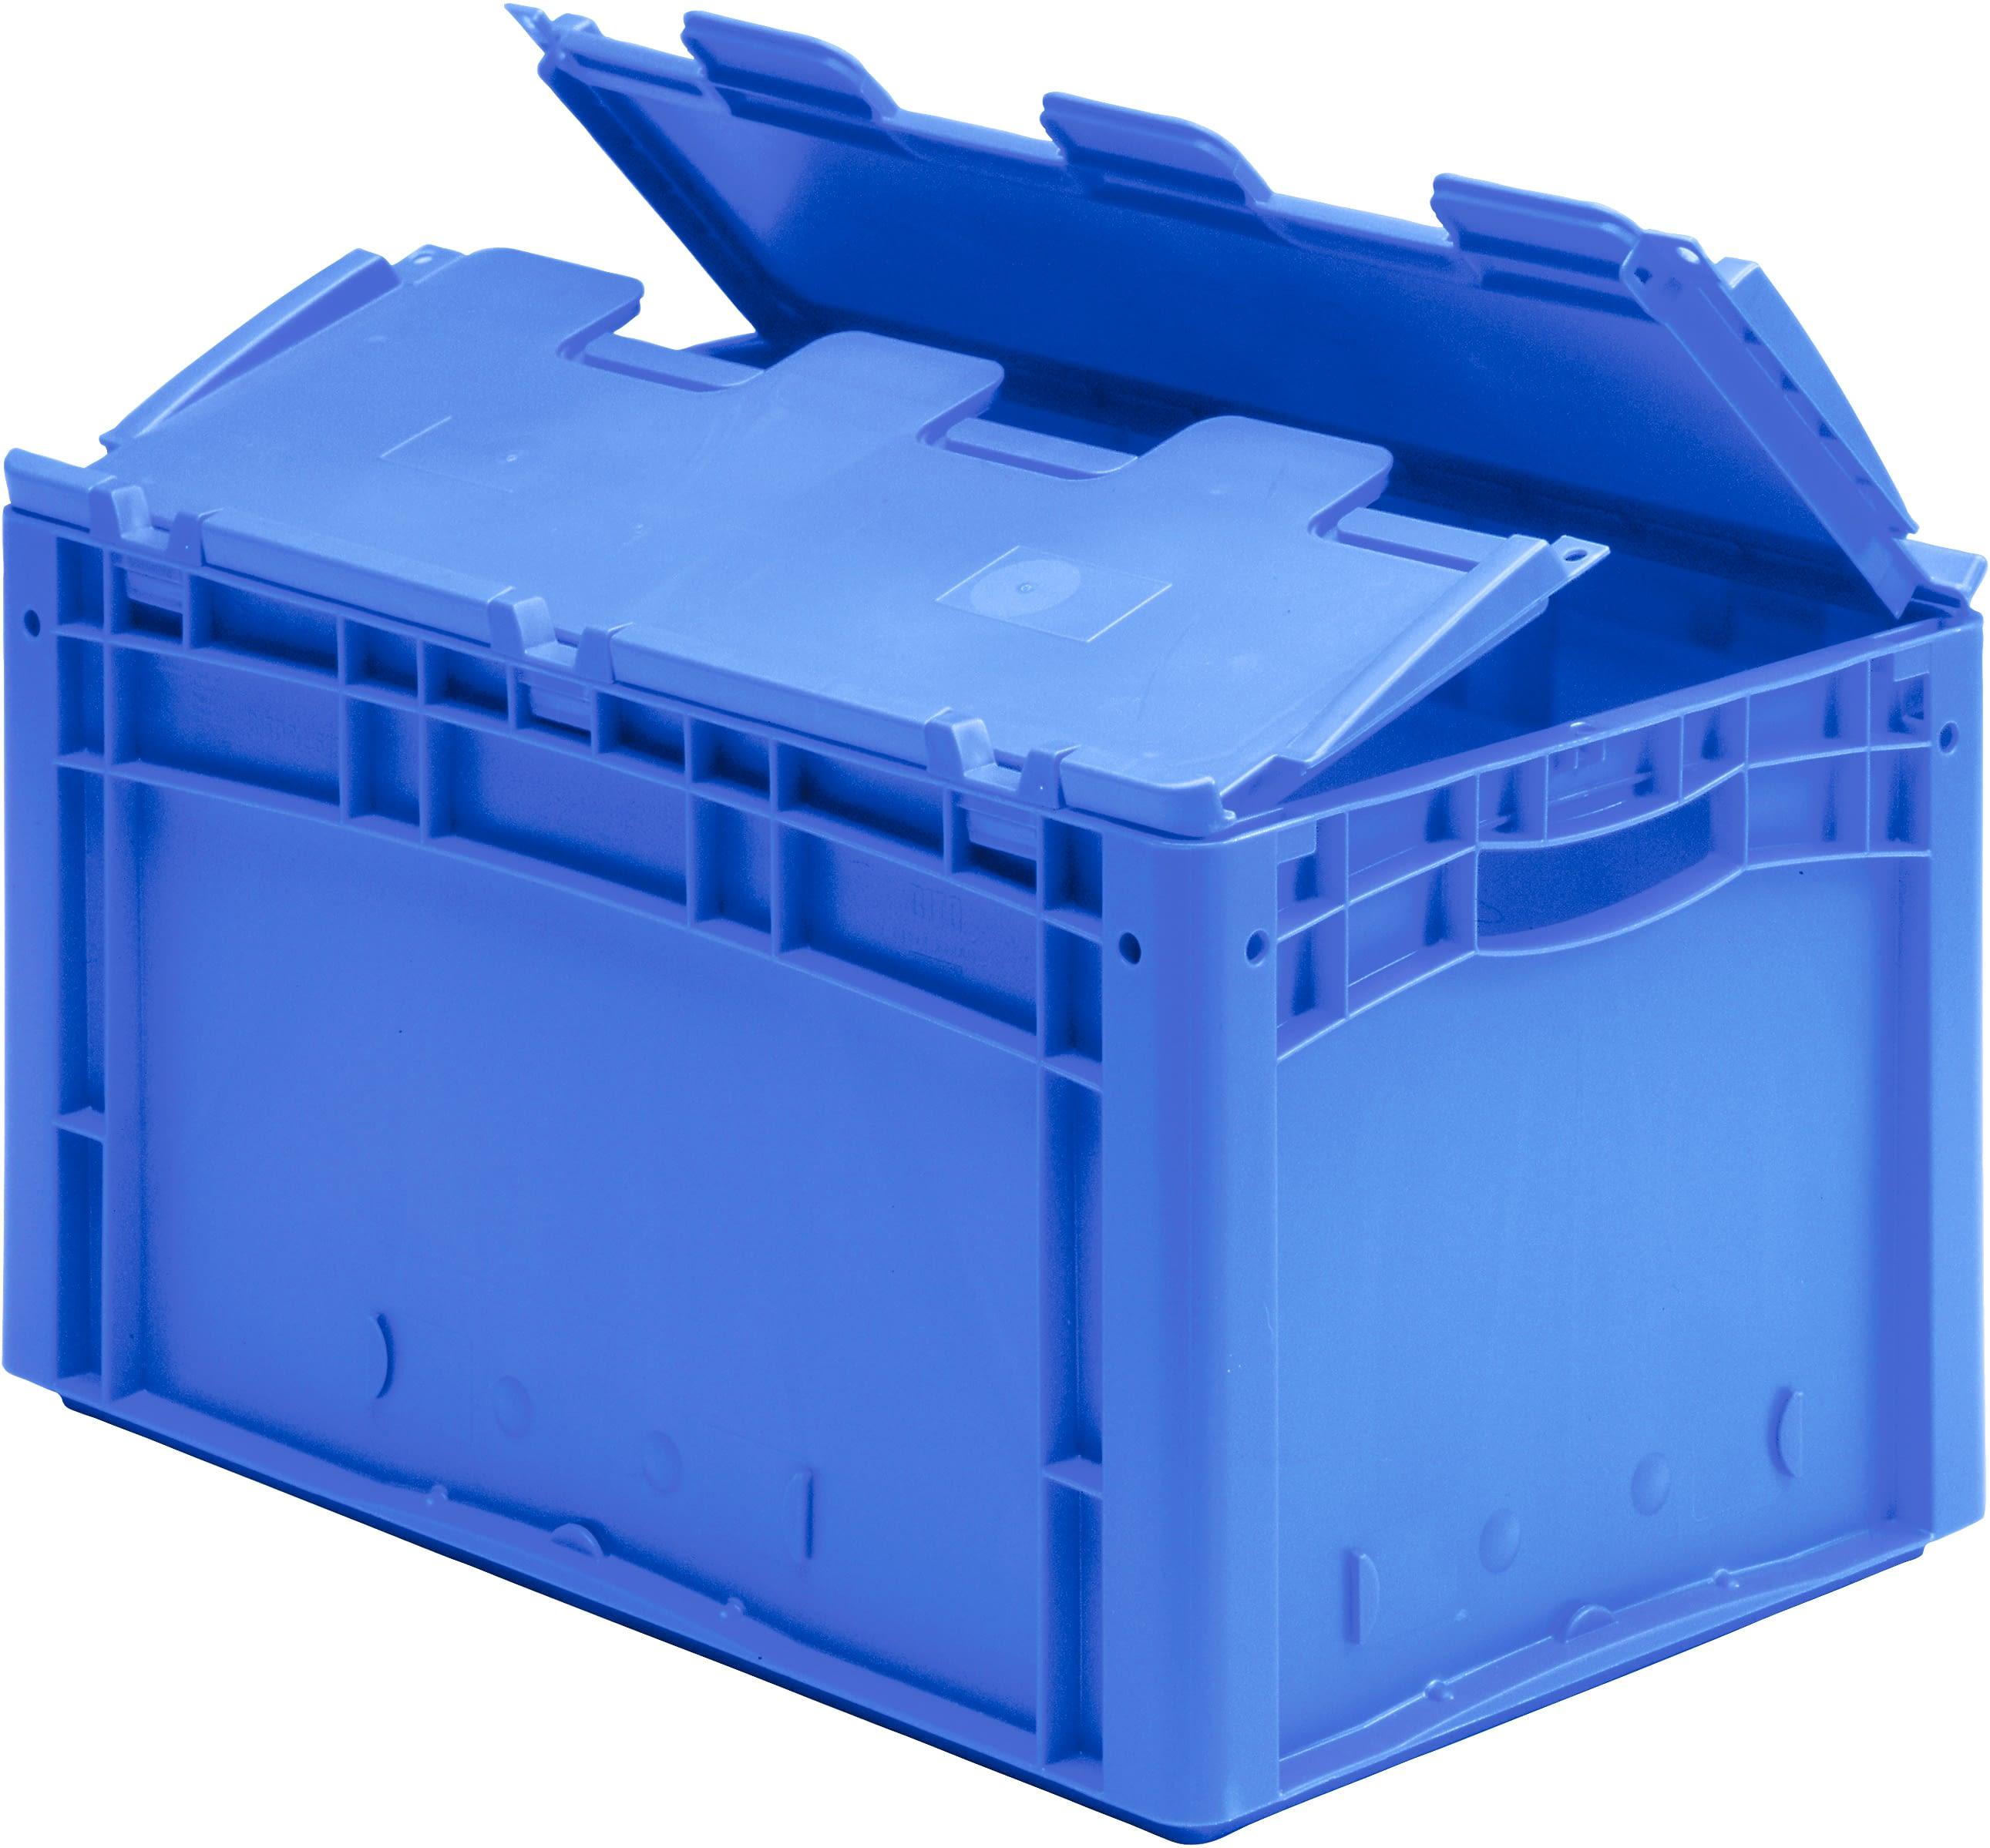 Eurostapelbakken XL, met gesloten wanden, blauw, 18501